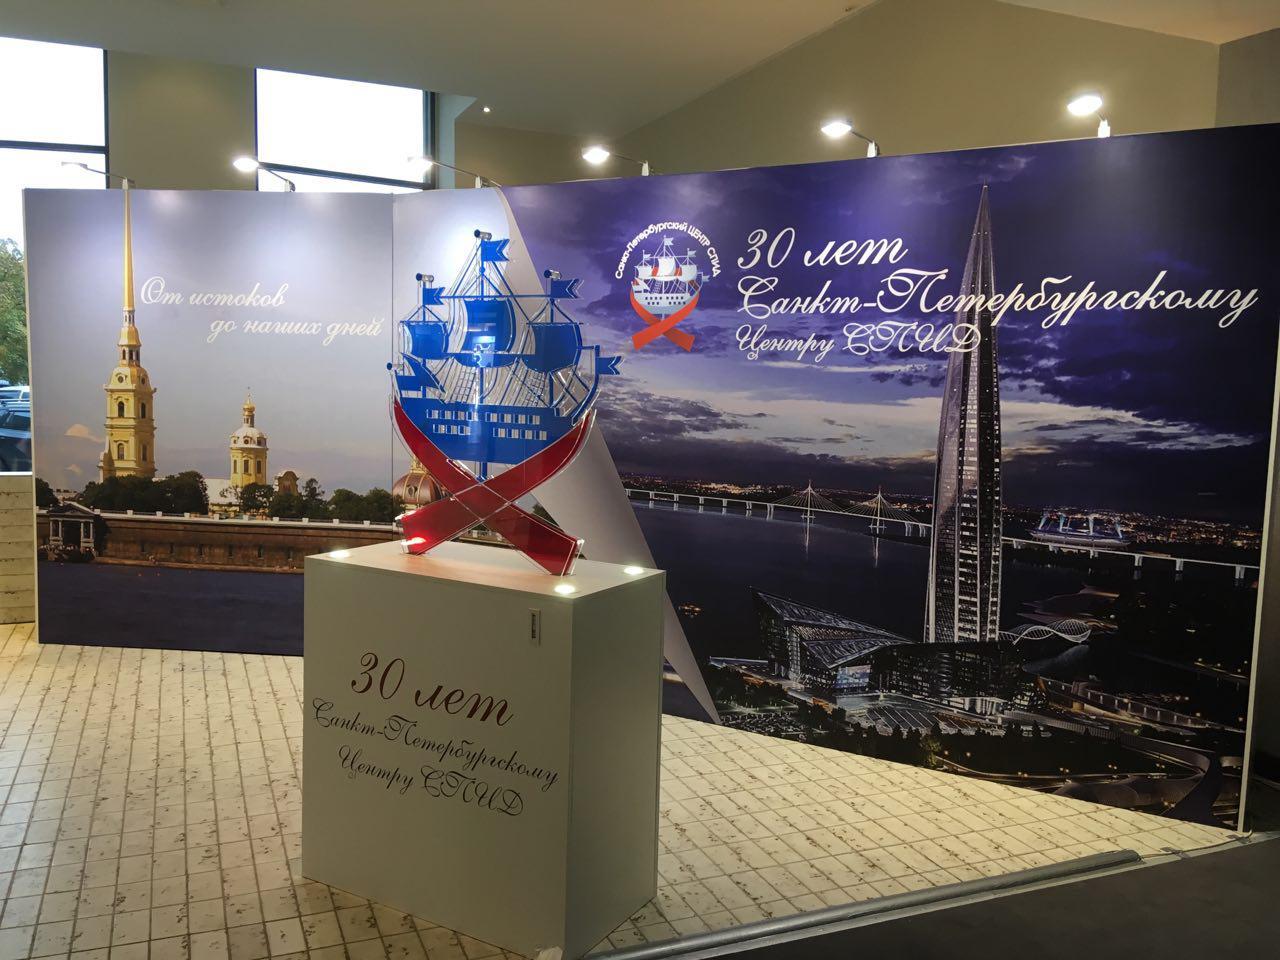 В Санкт-Петербурге состоялся IV региональный форум по ВИЧ-инфекции - изображение 1